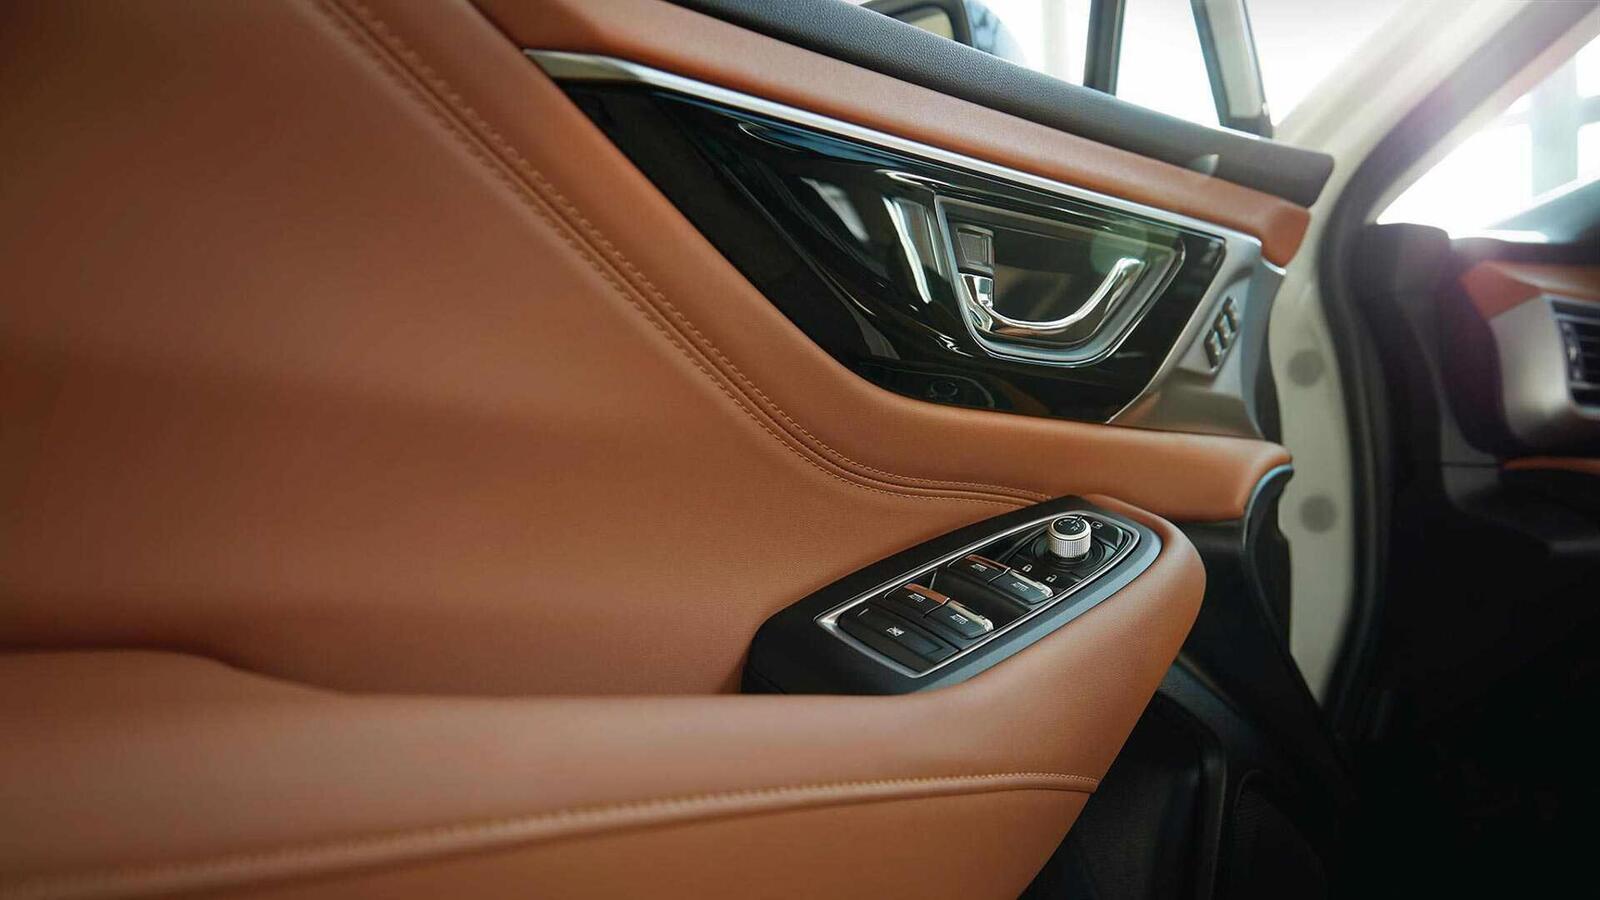 Subaru Legacy thế hệ mới ra mắt; đổi mới thiết kế; có thêm động cơ 2.5L tăng áp - Hình 13